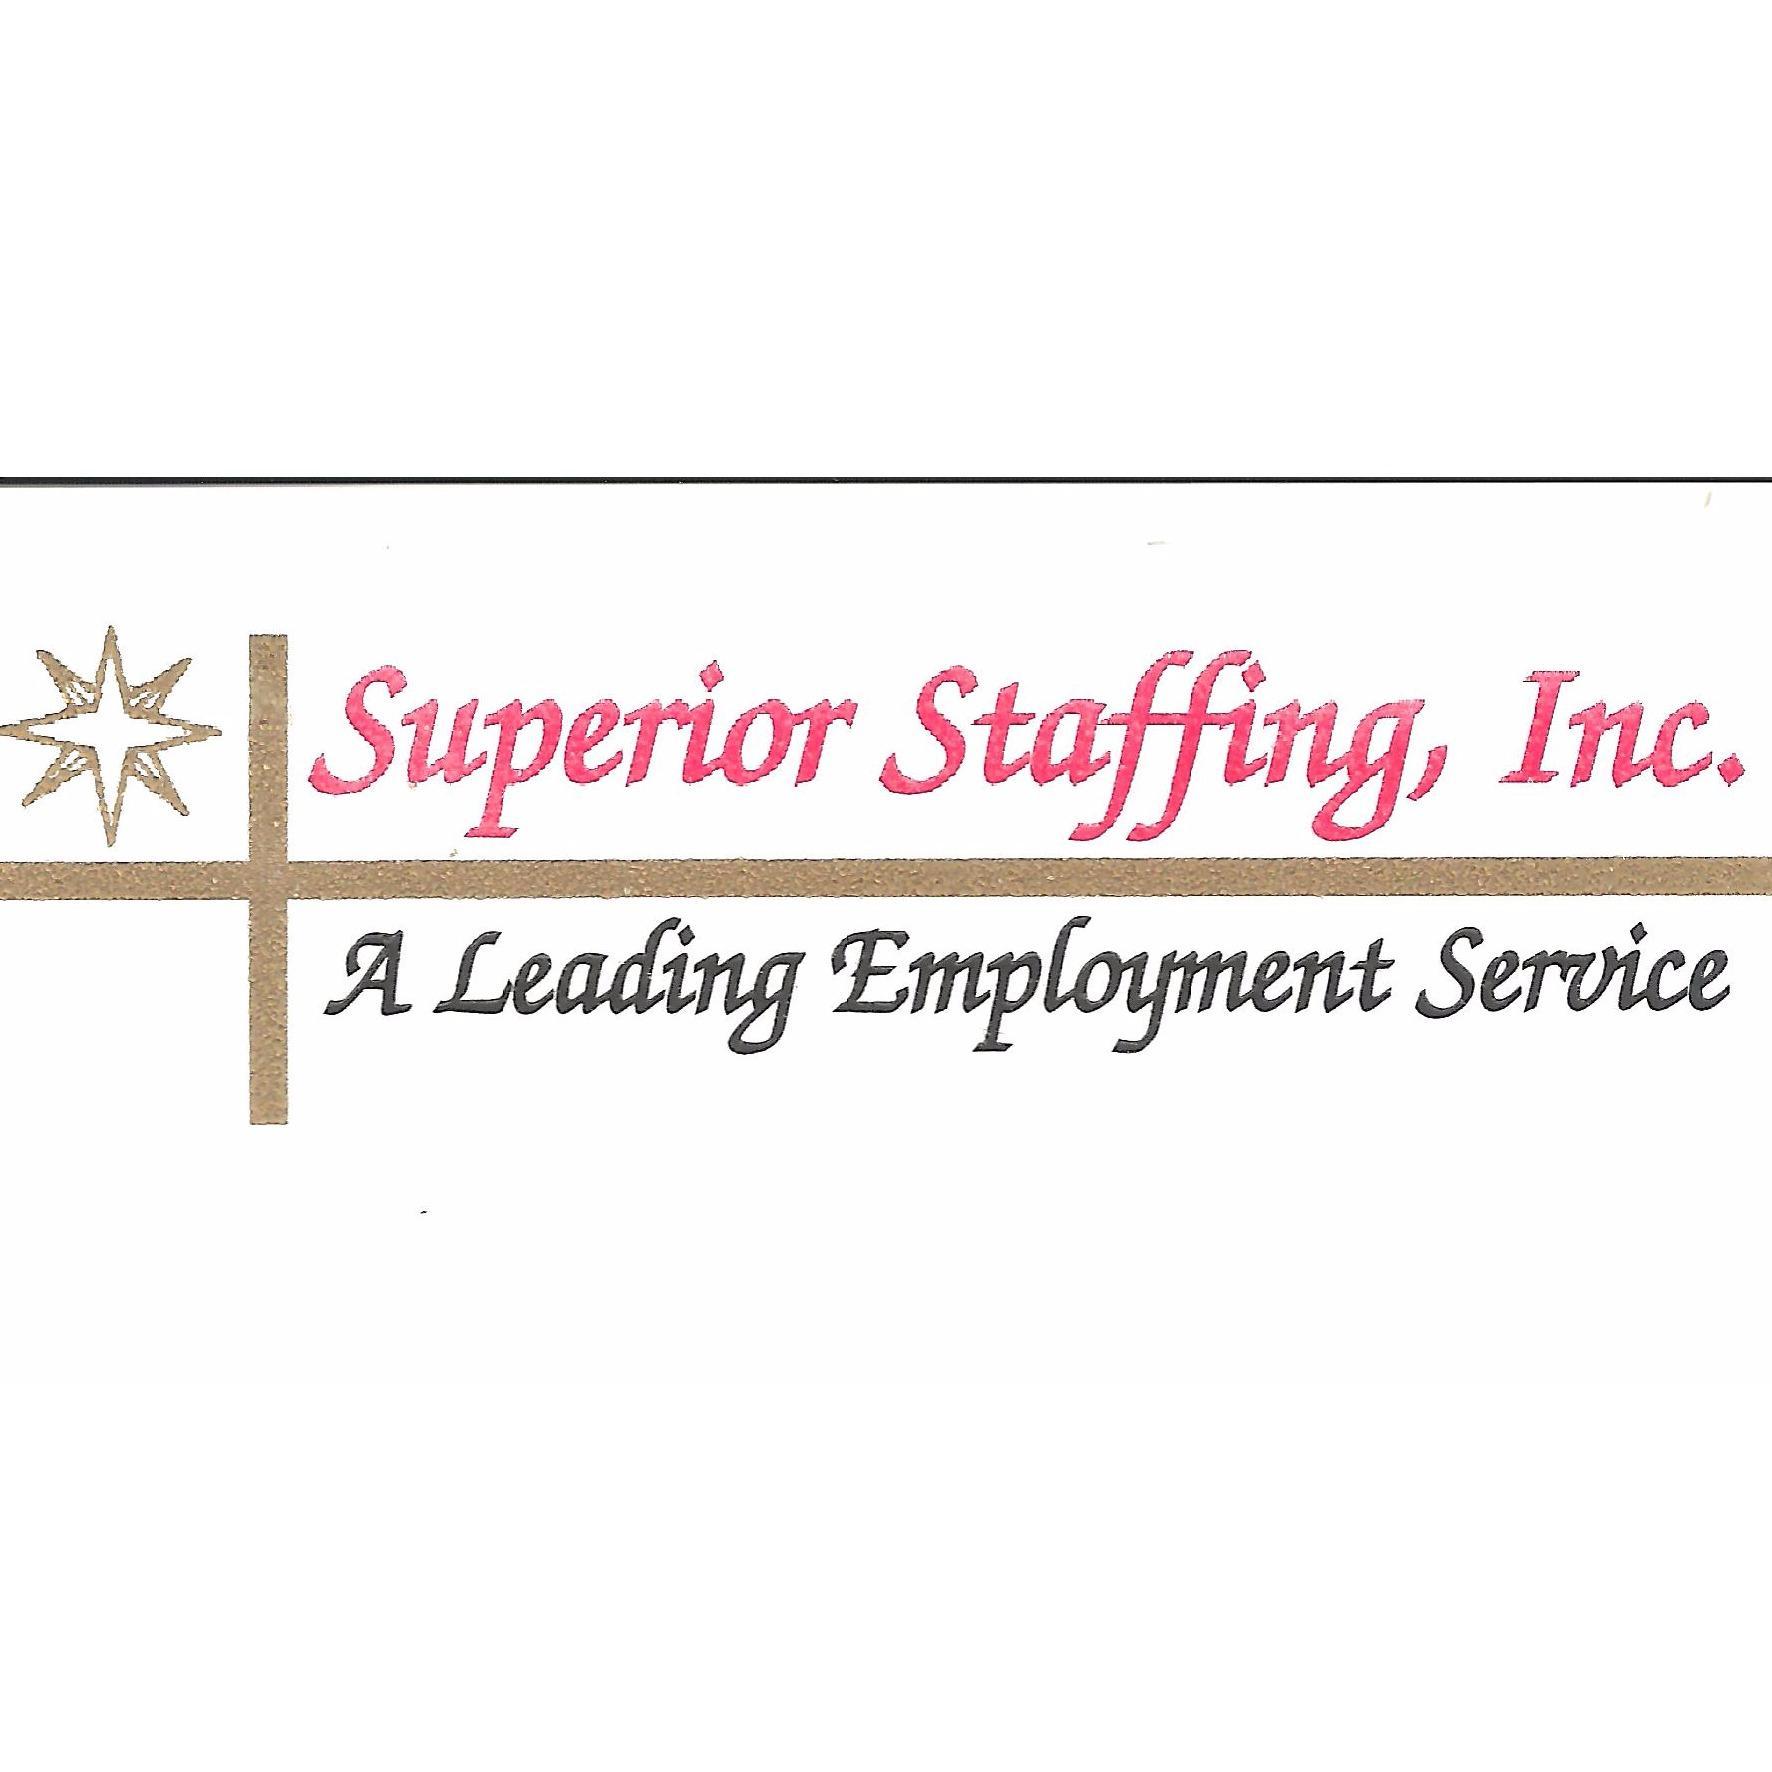 Superior Staffing Inc.